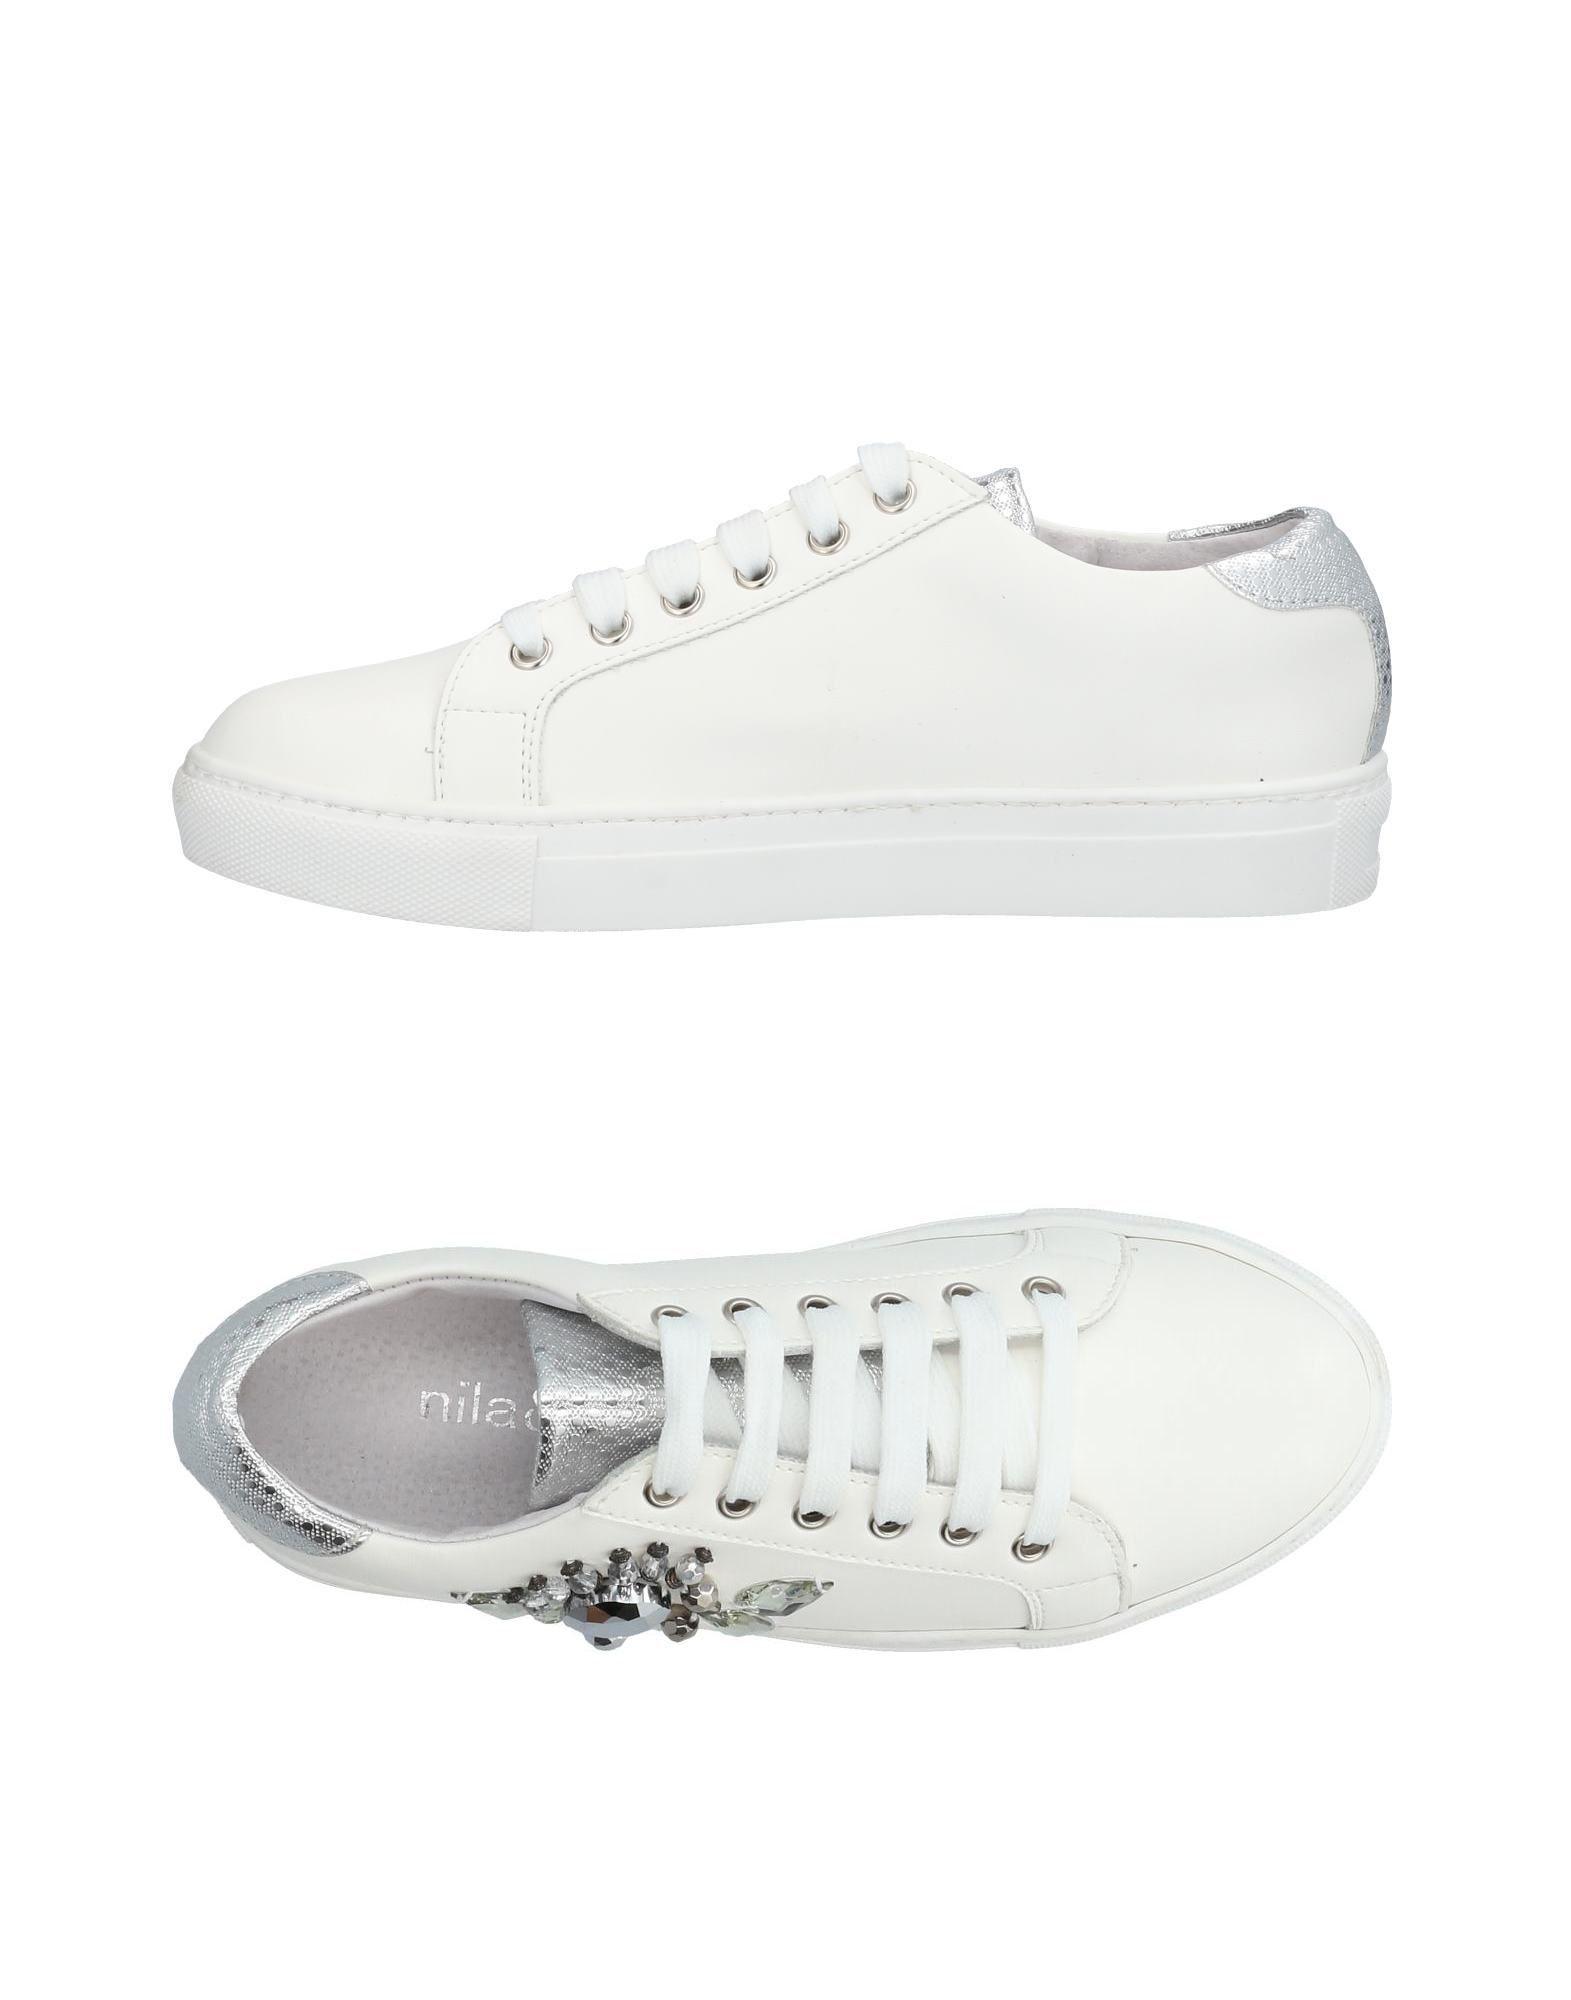 Nila & Nila Damen Sneakers Damen Nila  11443401JI Gute Qualität beliebte Schuhe 51bd3c